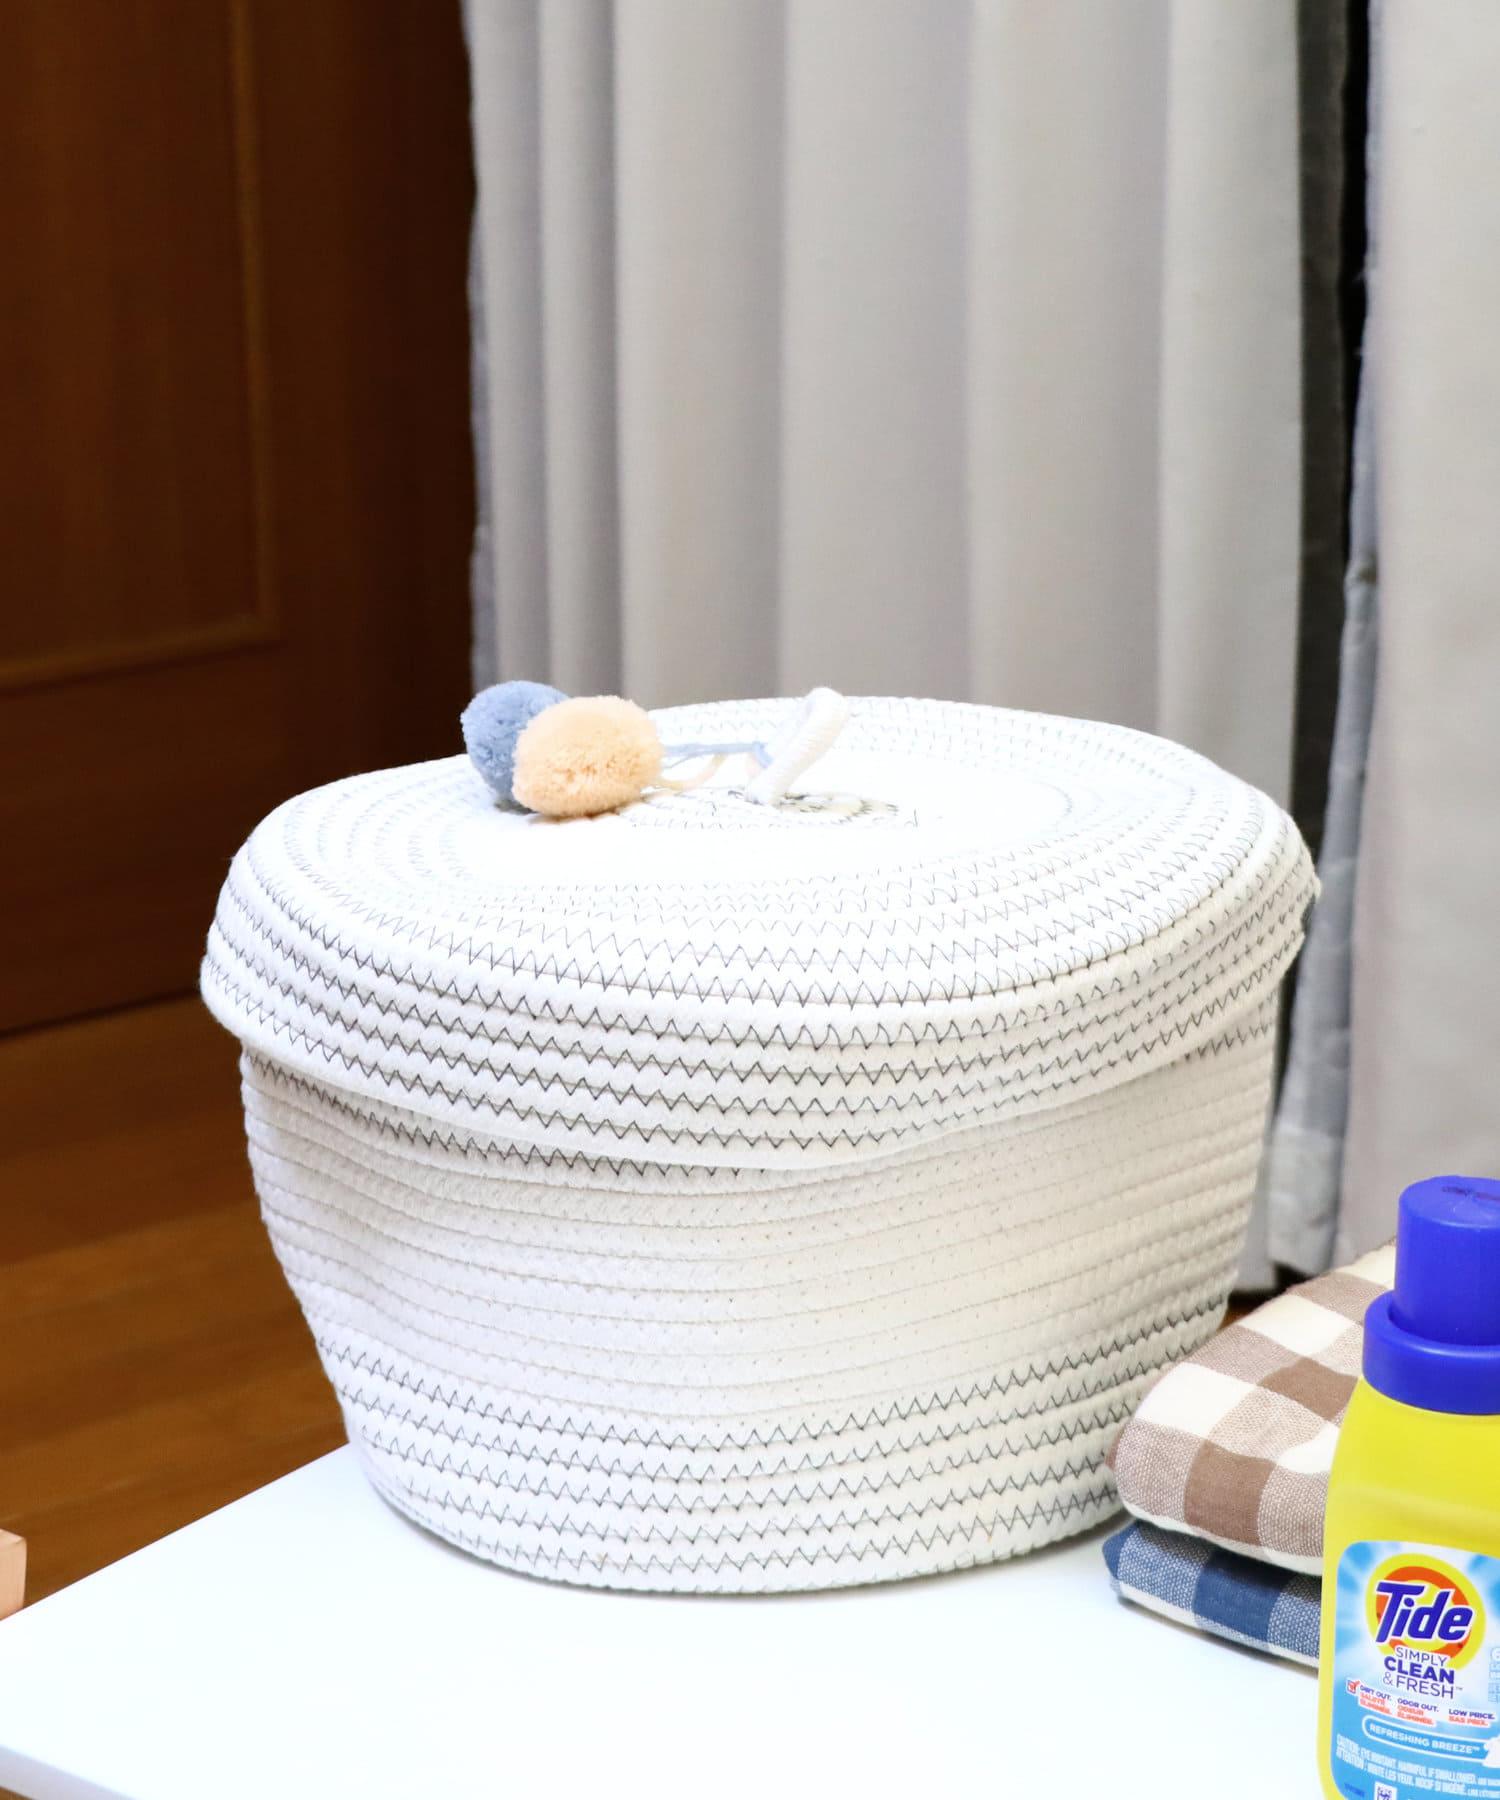 salut!(サリュ) ライフスタイル ふた付きロープバスケット ホワイト